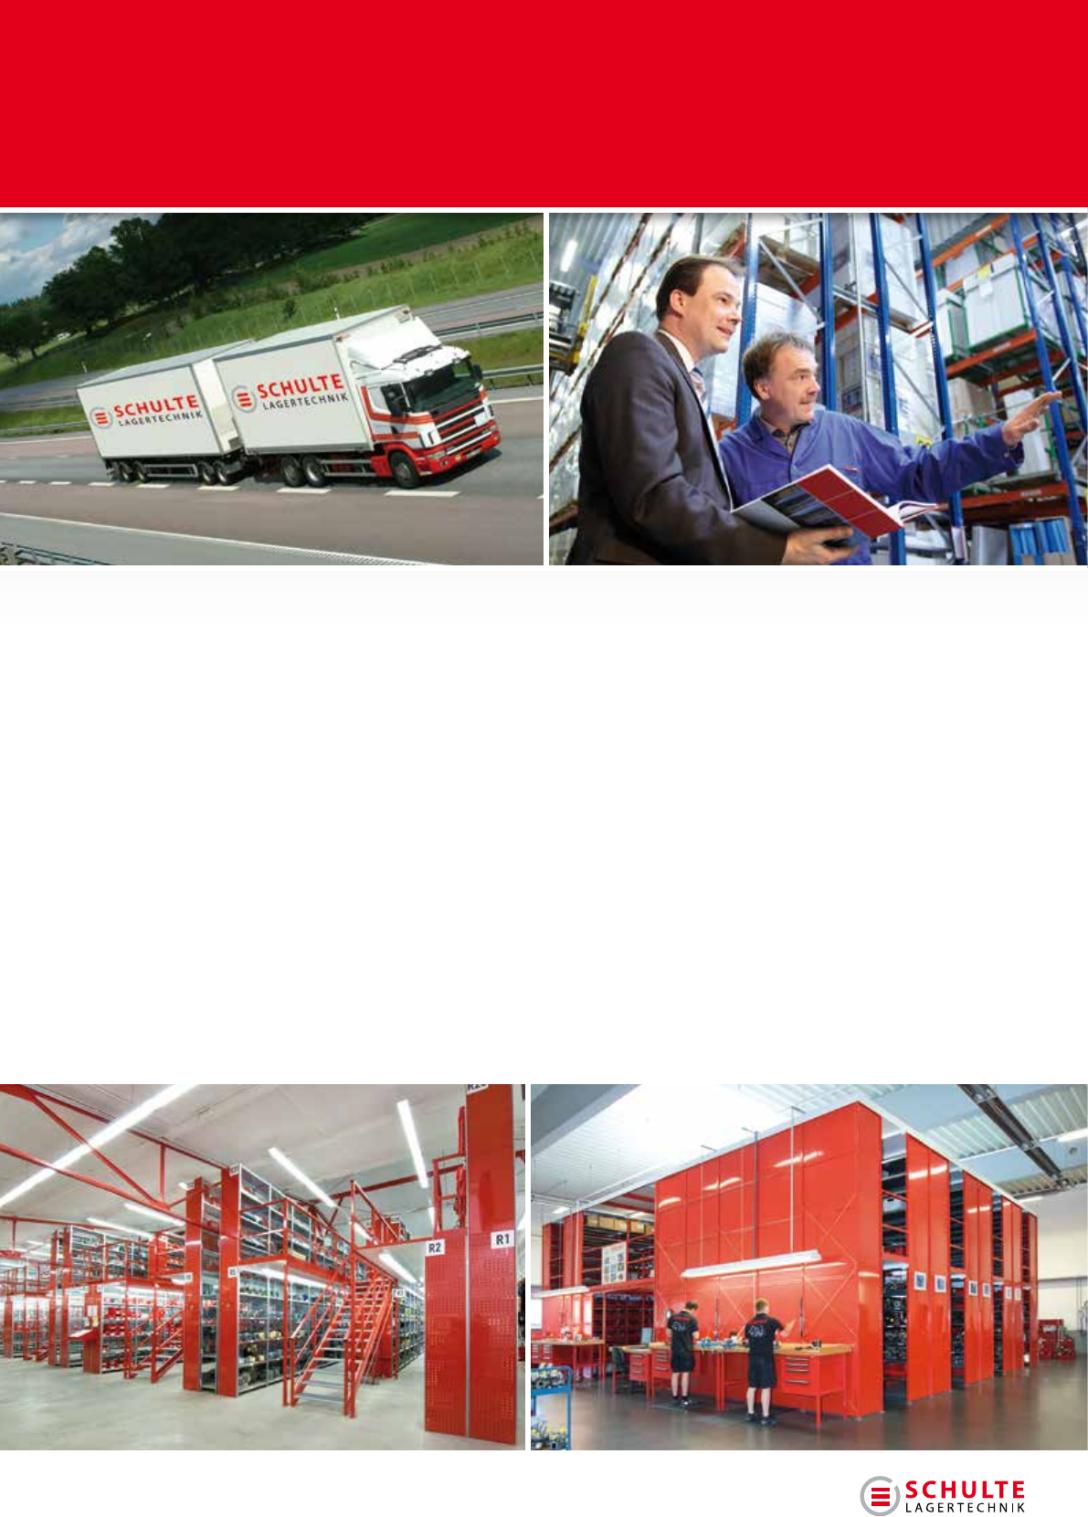 Large Size of Schulte Regale Montageanleitung Lagertechnik Berlin Hornbach Obi Regal Stecksystem Kaufen Regalen Online Shop Katalog Pdf 2018 Bestellen Zu Sonderpreisen Regal Schulte Regale